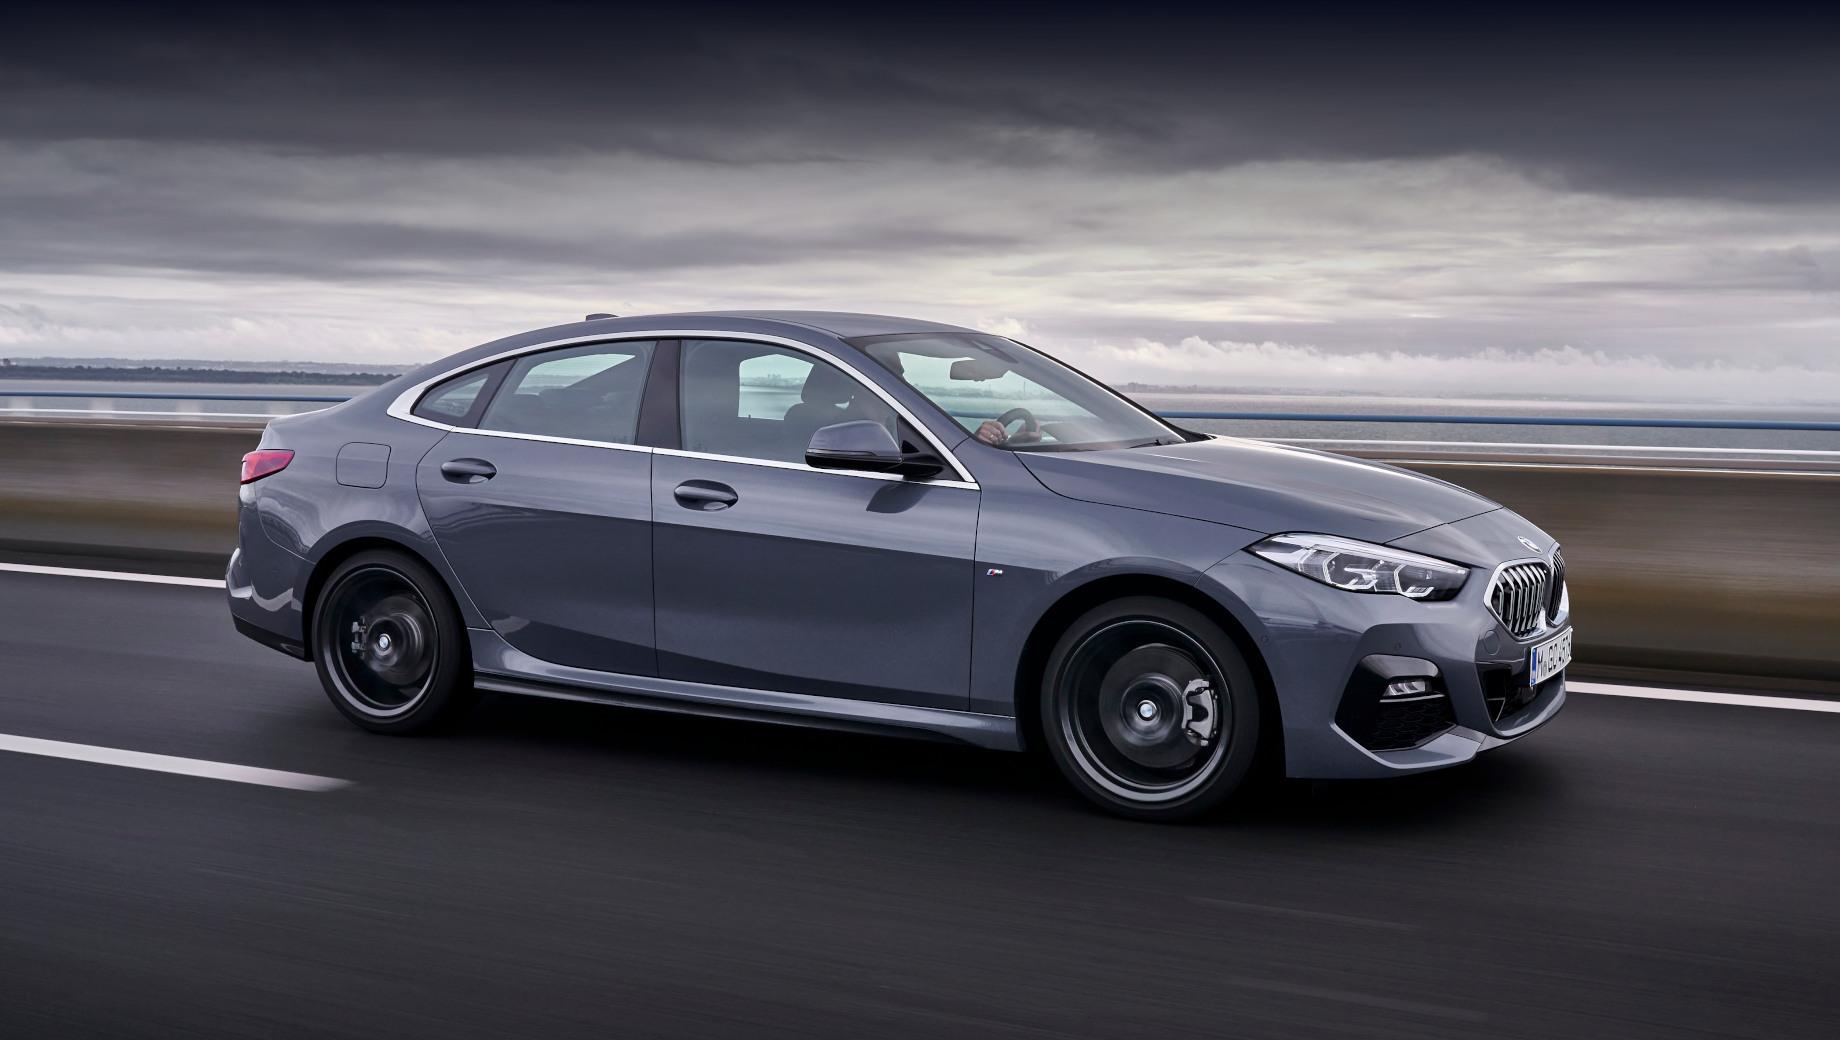 Bmw 2,Bmw 2 gran coupe,Bmw 2 gran coupe 2019. Прайс-лист на седан BMW Gran Coupe второй серии начинается с 2 090 000 рублей за 140-сильный вариант 218i Online Edition. Модель принципиально новая не только для нашего рынка, но и для компании BMW в целом.